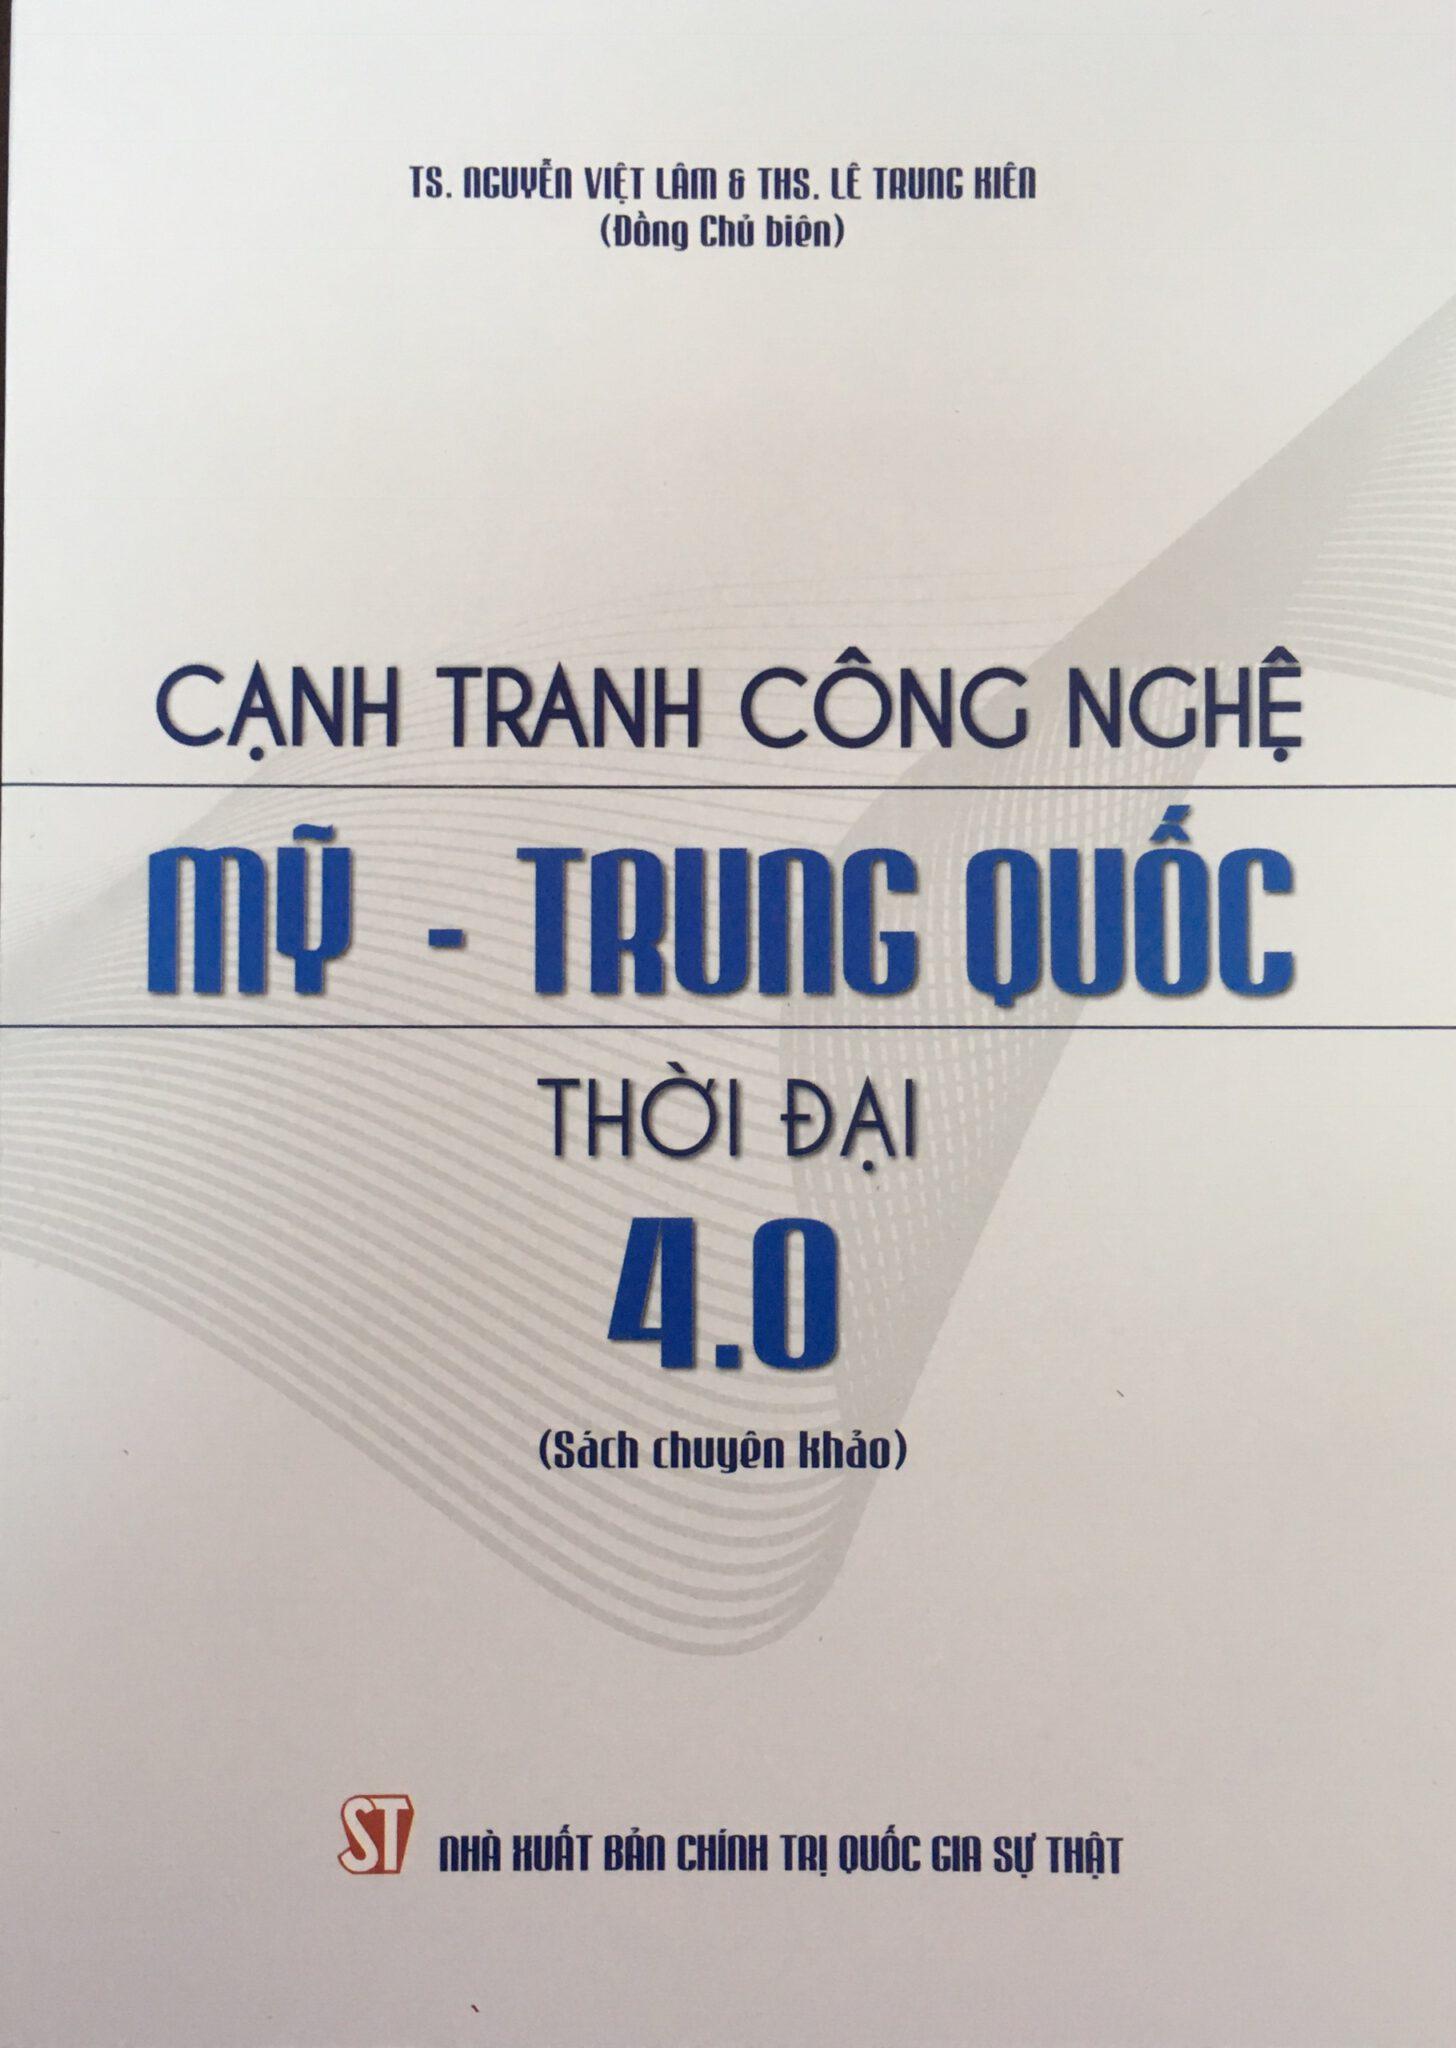 Cạnh tranh công nghệ Mỹ - Trung Quốc thời đại 4.0 (Sách chuyên khảo)